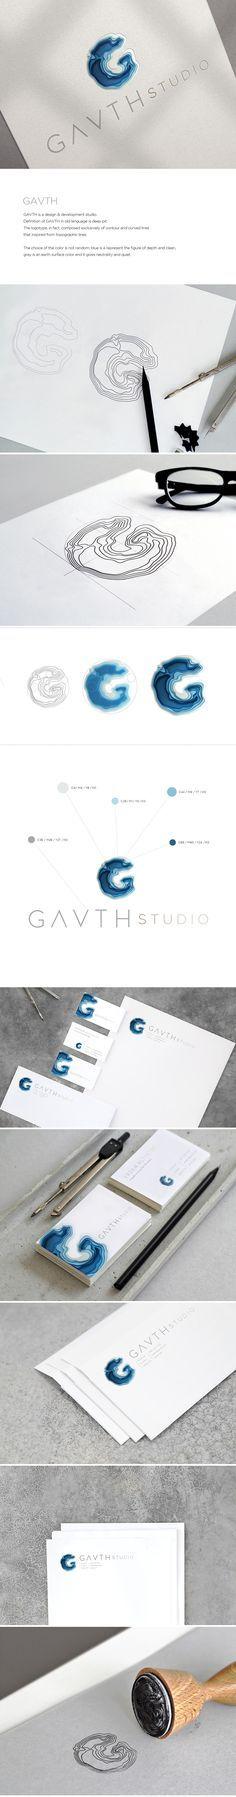 Diseño de logotipo                                                                                                                                                     Más